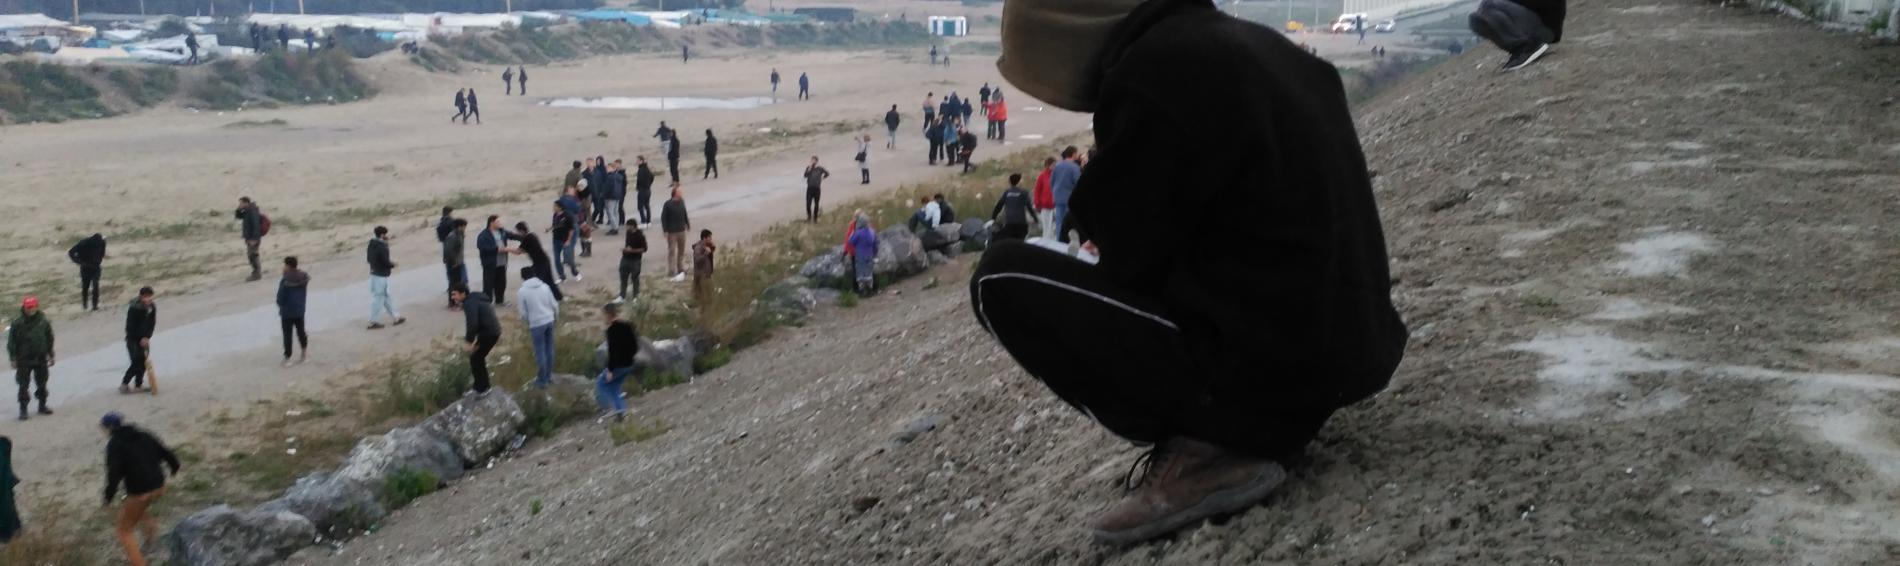 Inmigrante junto a la valla de Melilla